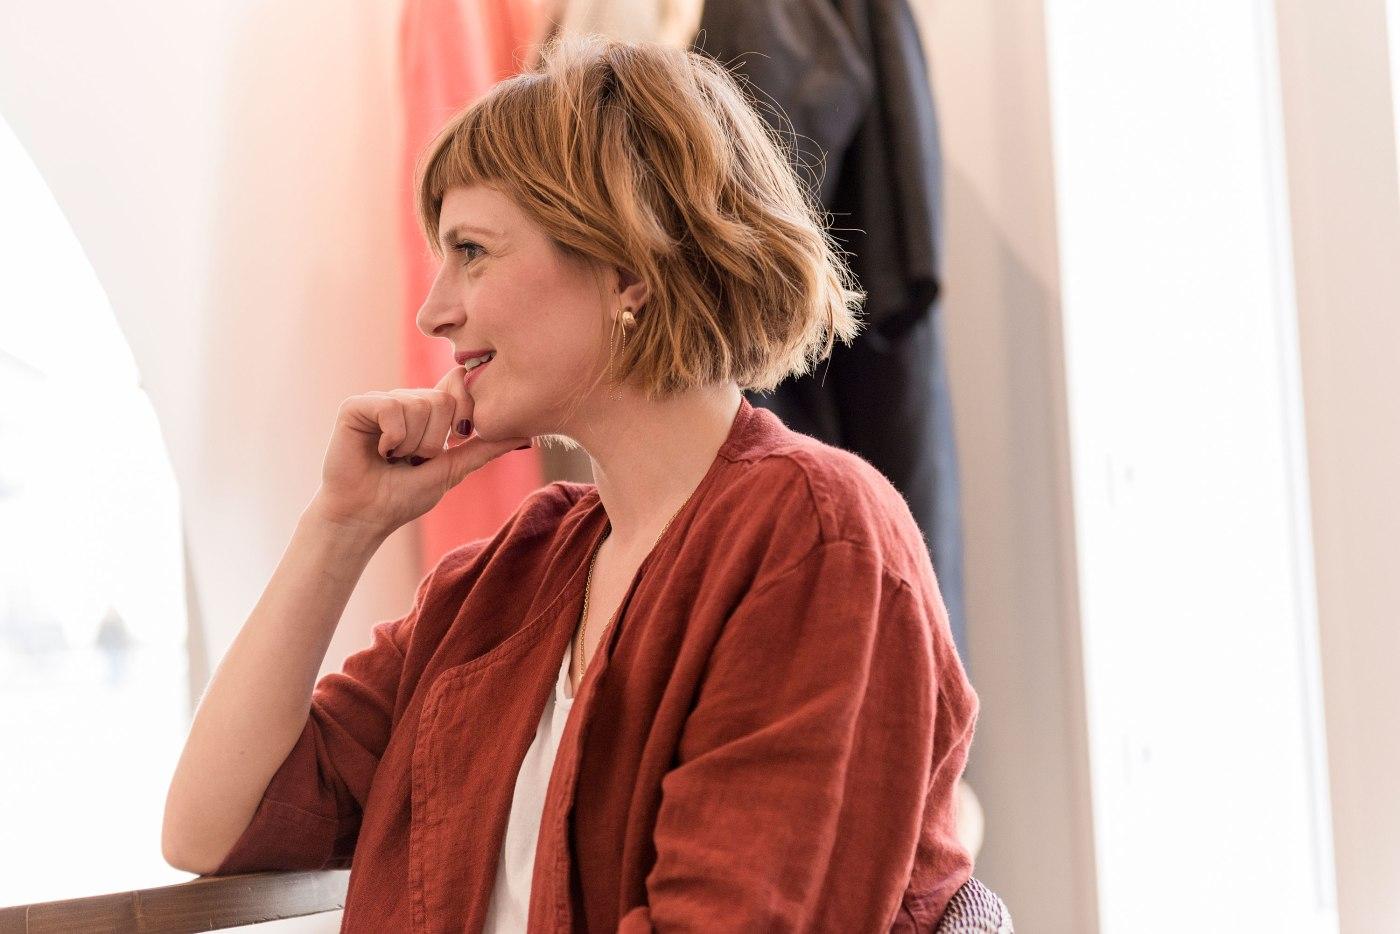 anne-lise-le-dot-portrait-salon-coiffure-artisan-coloriste-nantes-portrait-photographie-remy-lidereau-solenn-cosotti-etonnantes